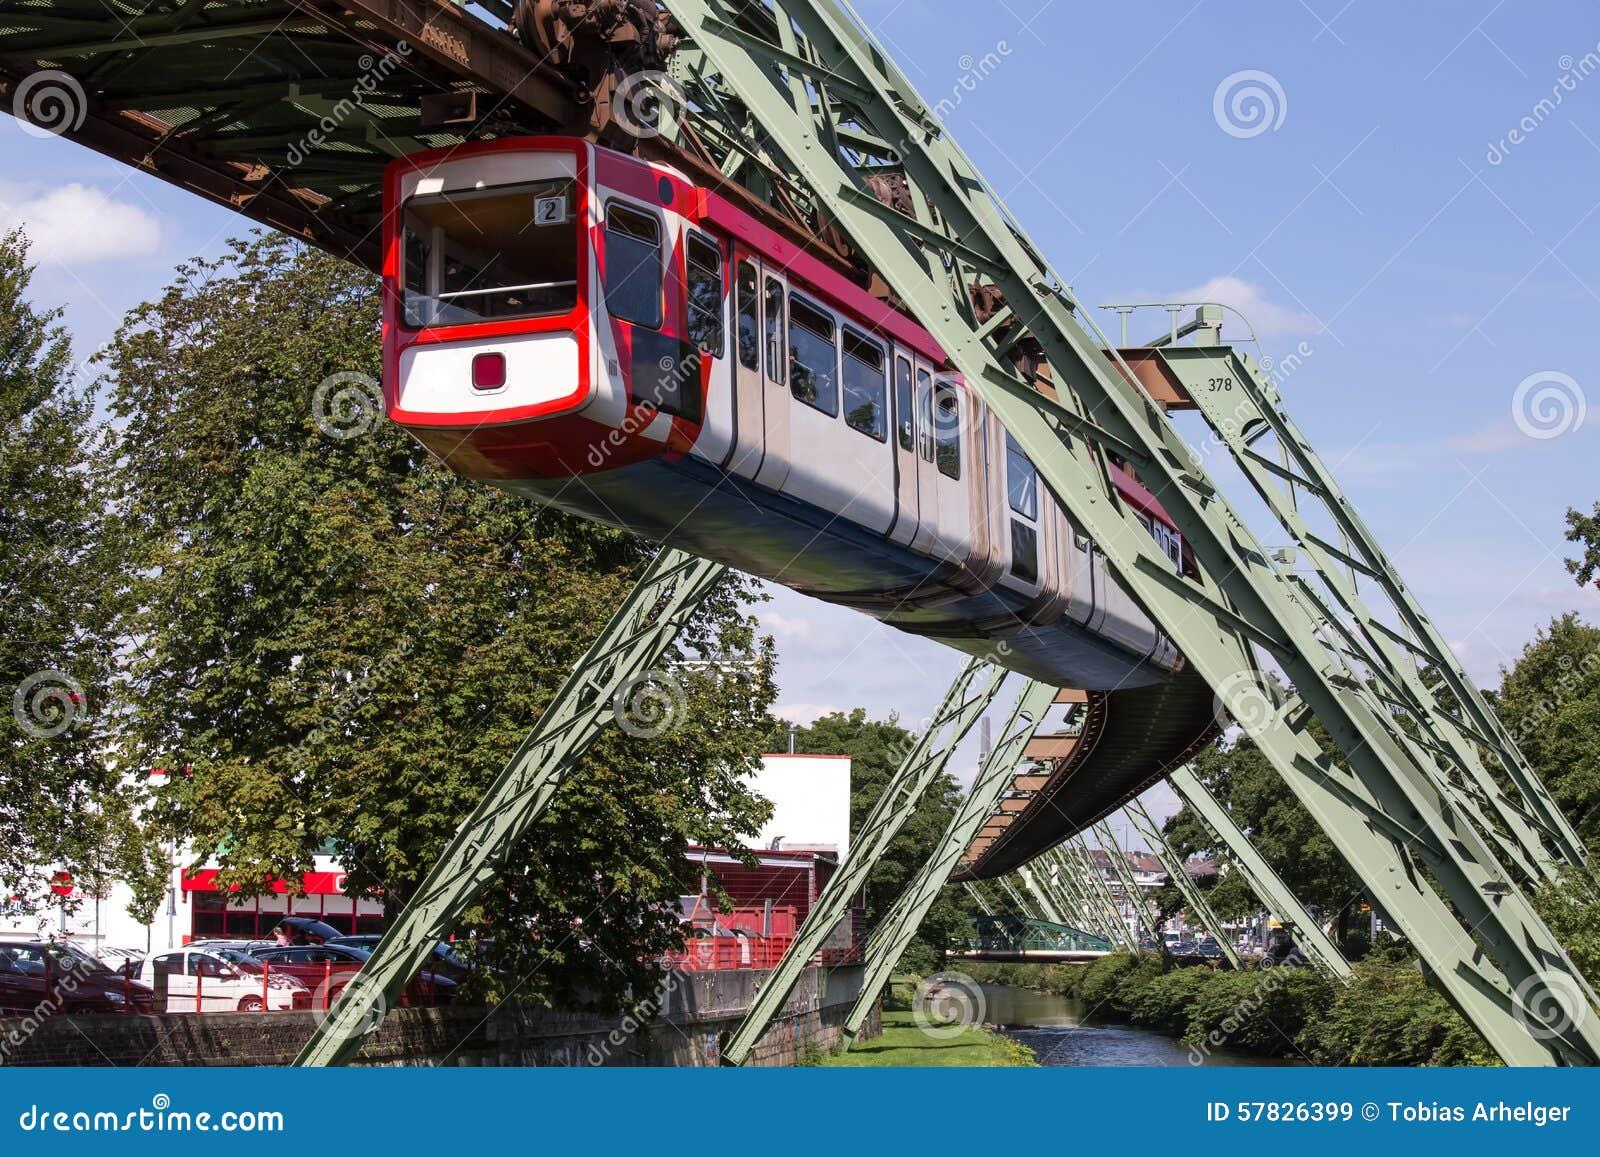 Schwebebahn-Zug In Wuppertal Deutschland Stockbild - Bild von